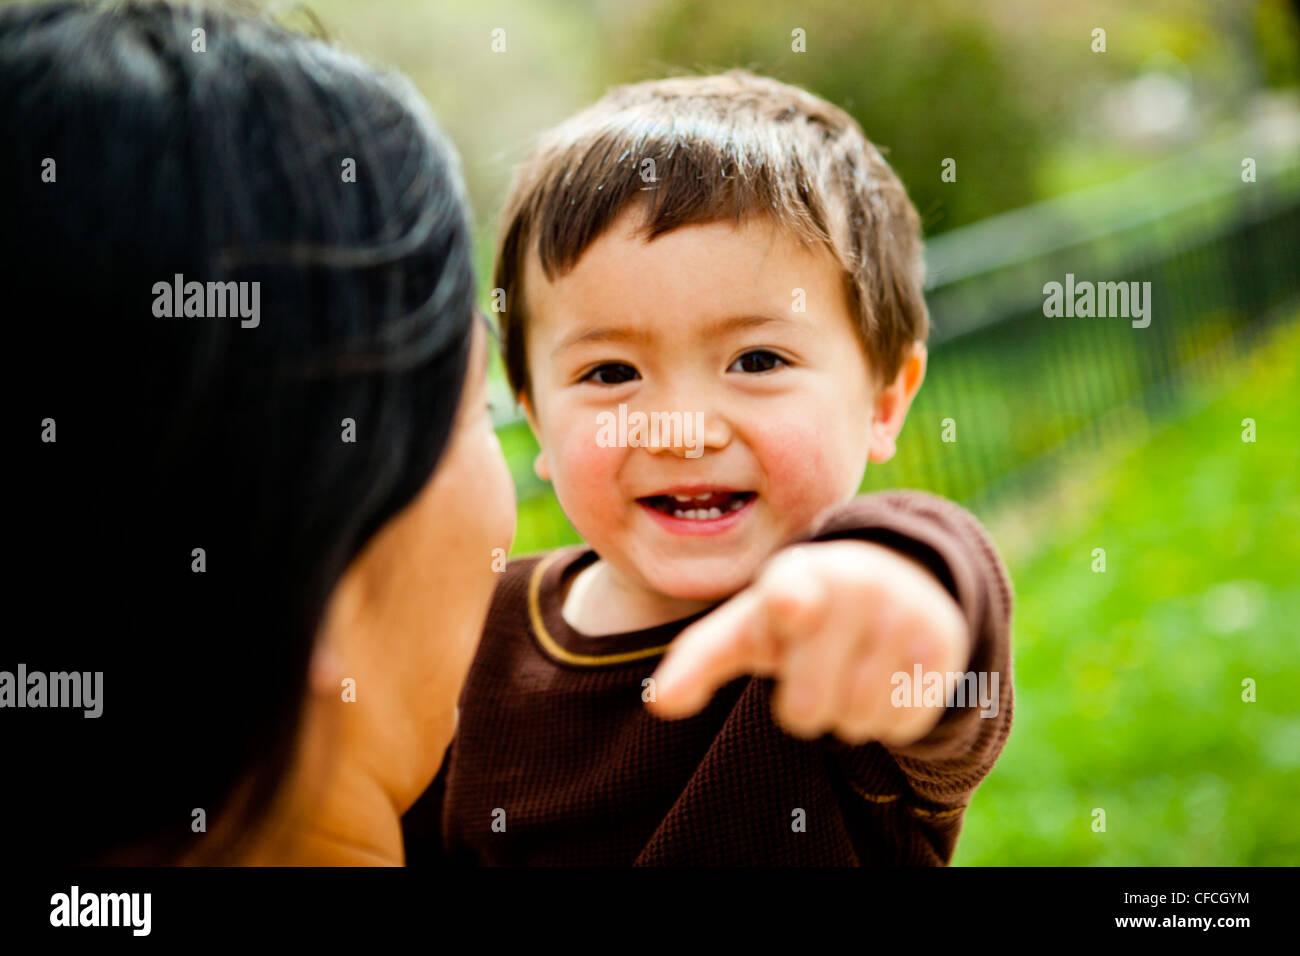 Una madre trattiene e bacia il figlio di 2 anni. Immagini Stock